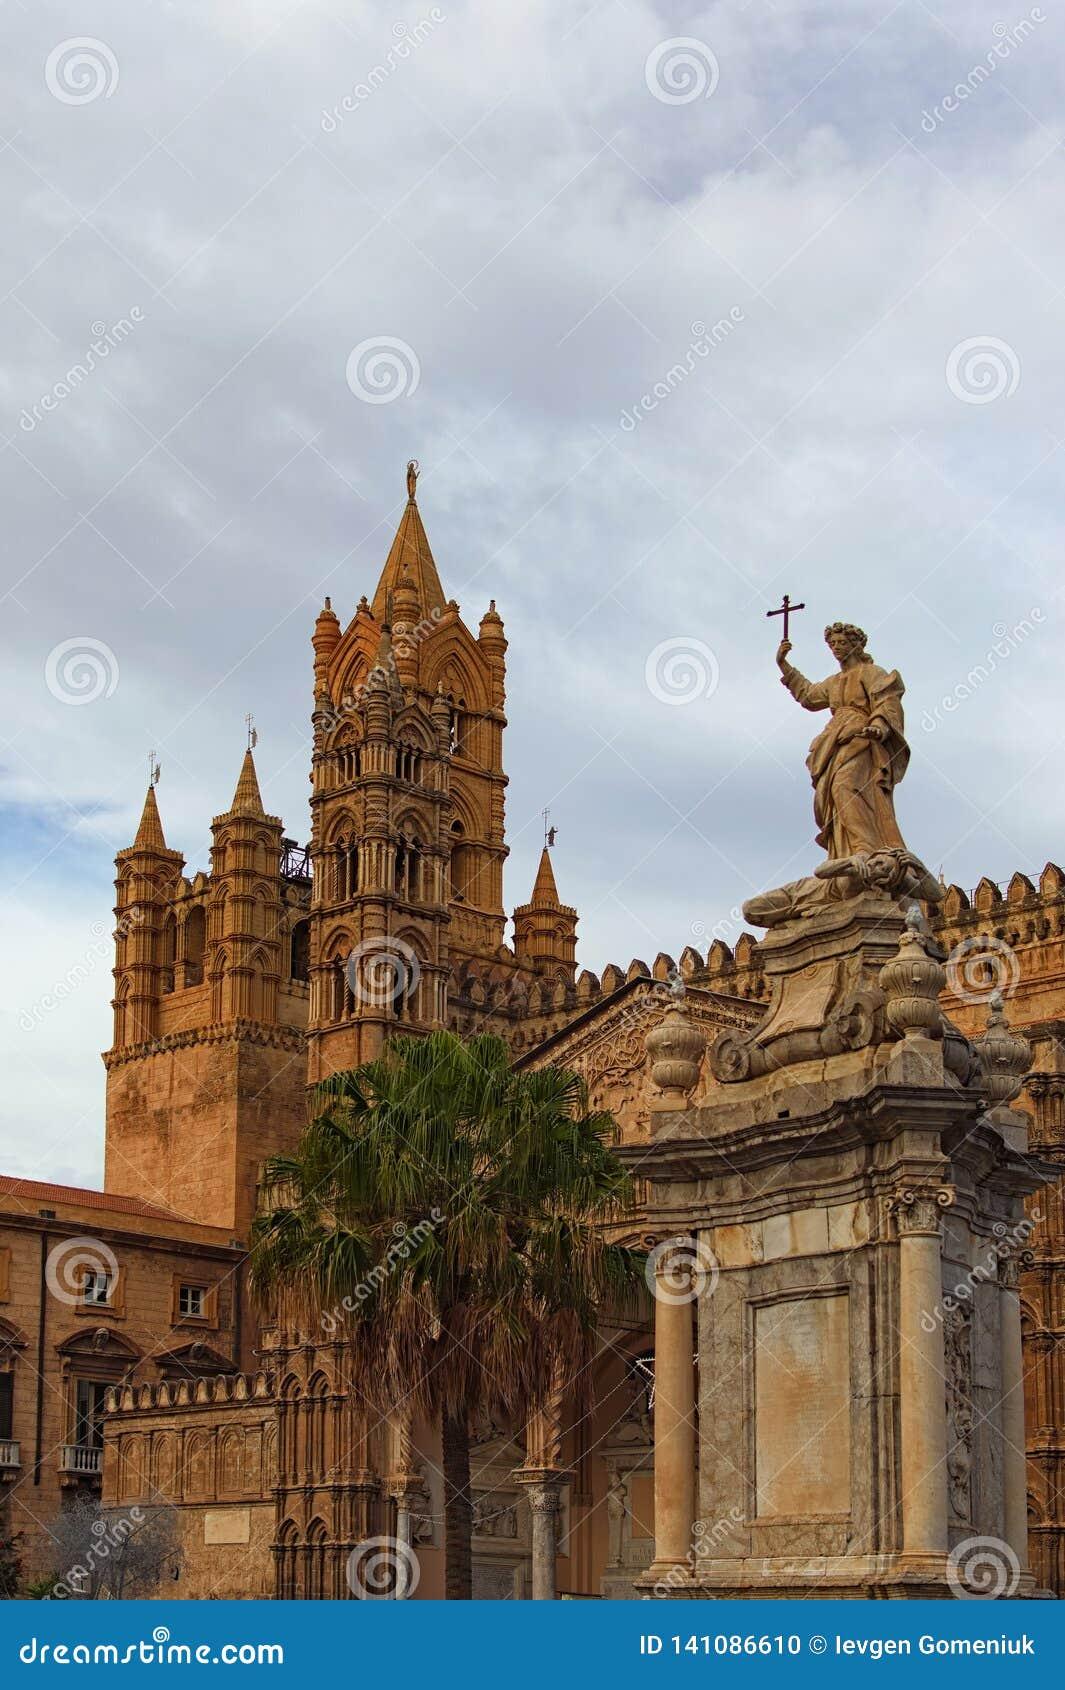 Sculpture devant la cathédrale de Palerme Cathédrale médiévale construite dans le style architectural Arabe-normand Concept de co